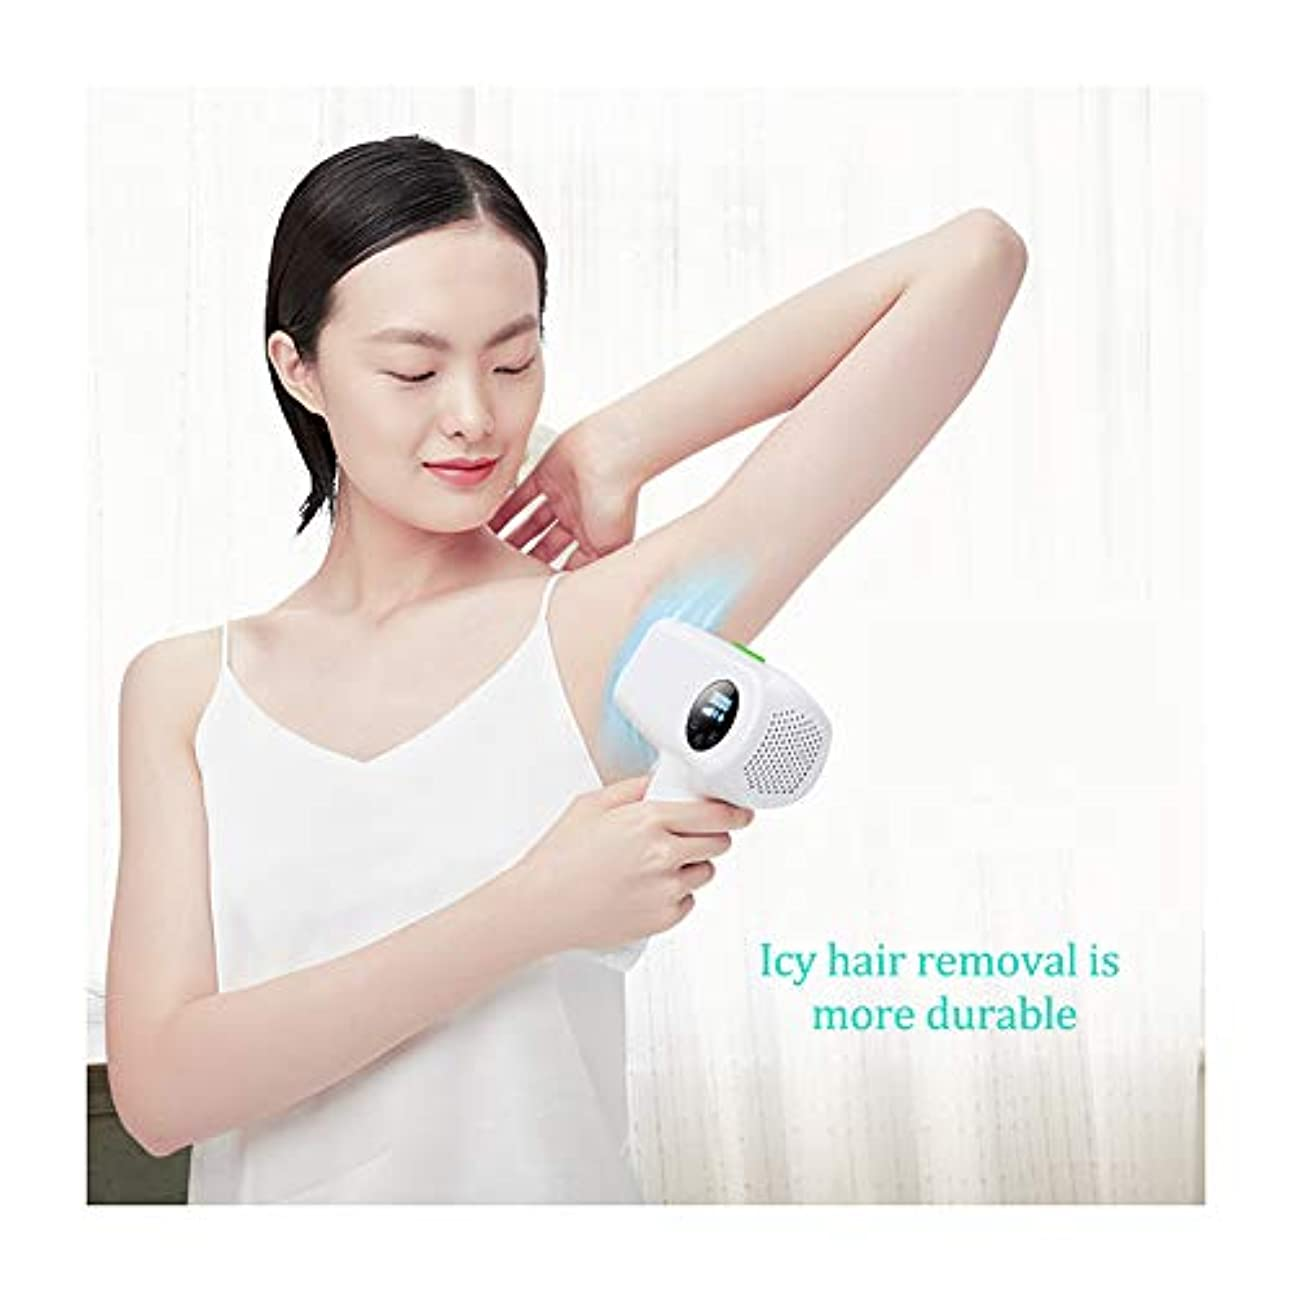 ひばり居心地の良い凍結女性のためのIPLの毛の取り外し装置IPLの毛の除去剤、家の使用IPLレーザーの毛の取り外し、痛みのない永久的なレーザーの毛の取り外し機械、顔のボディビキニラインUnderarms- 300000のための改善IPLの毛の...